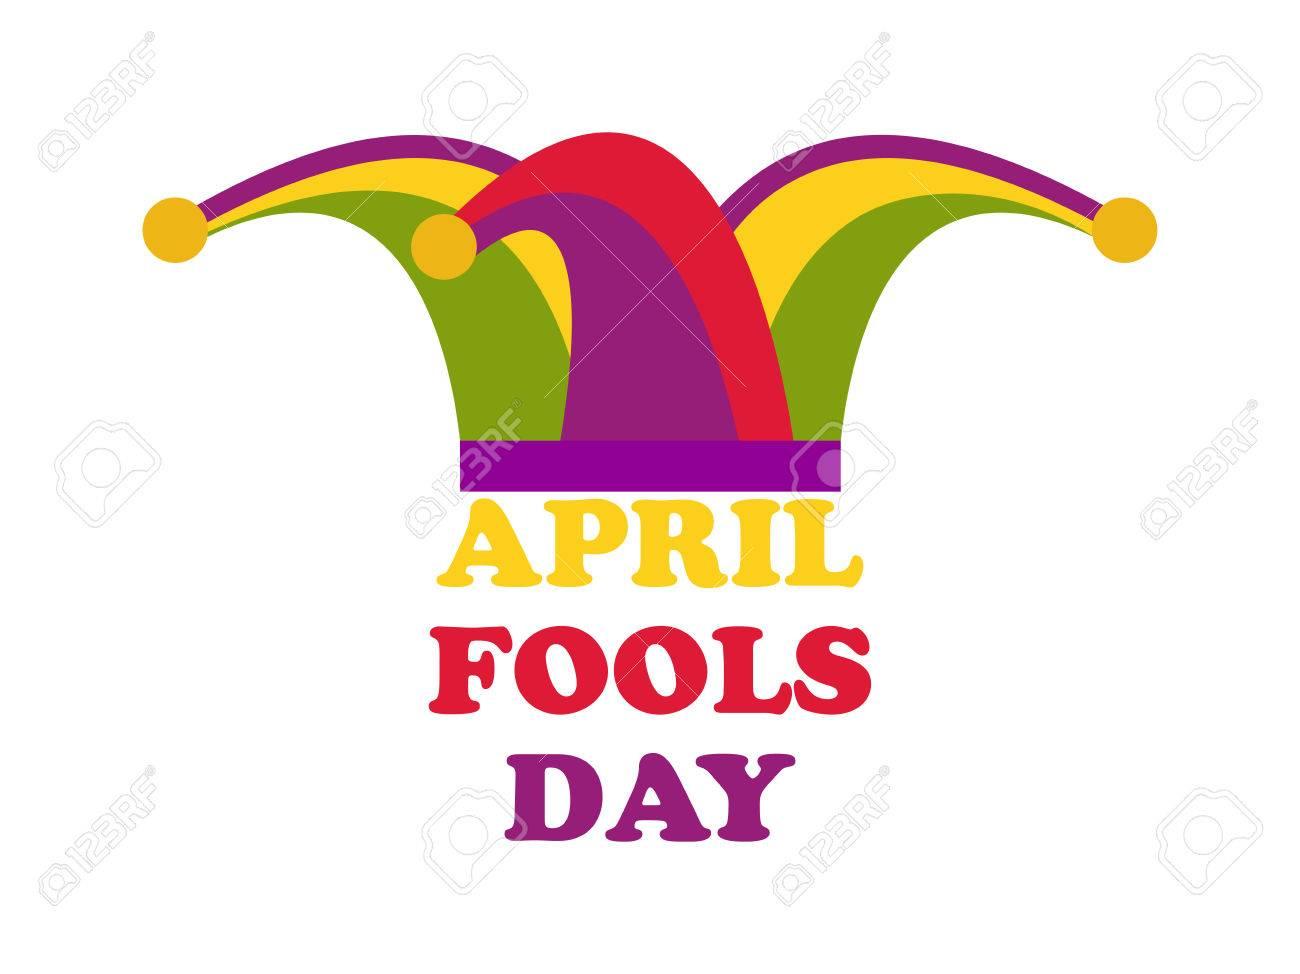 April Fools Day Clipart 8.